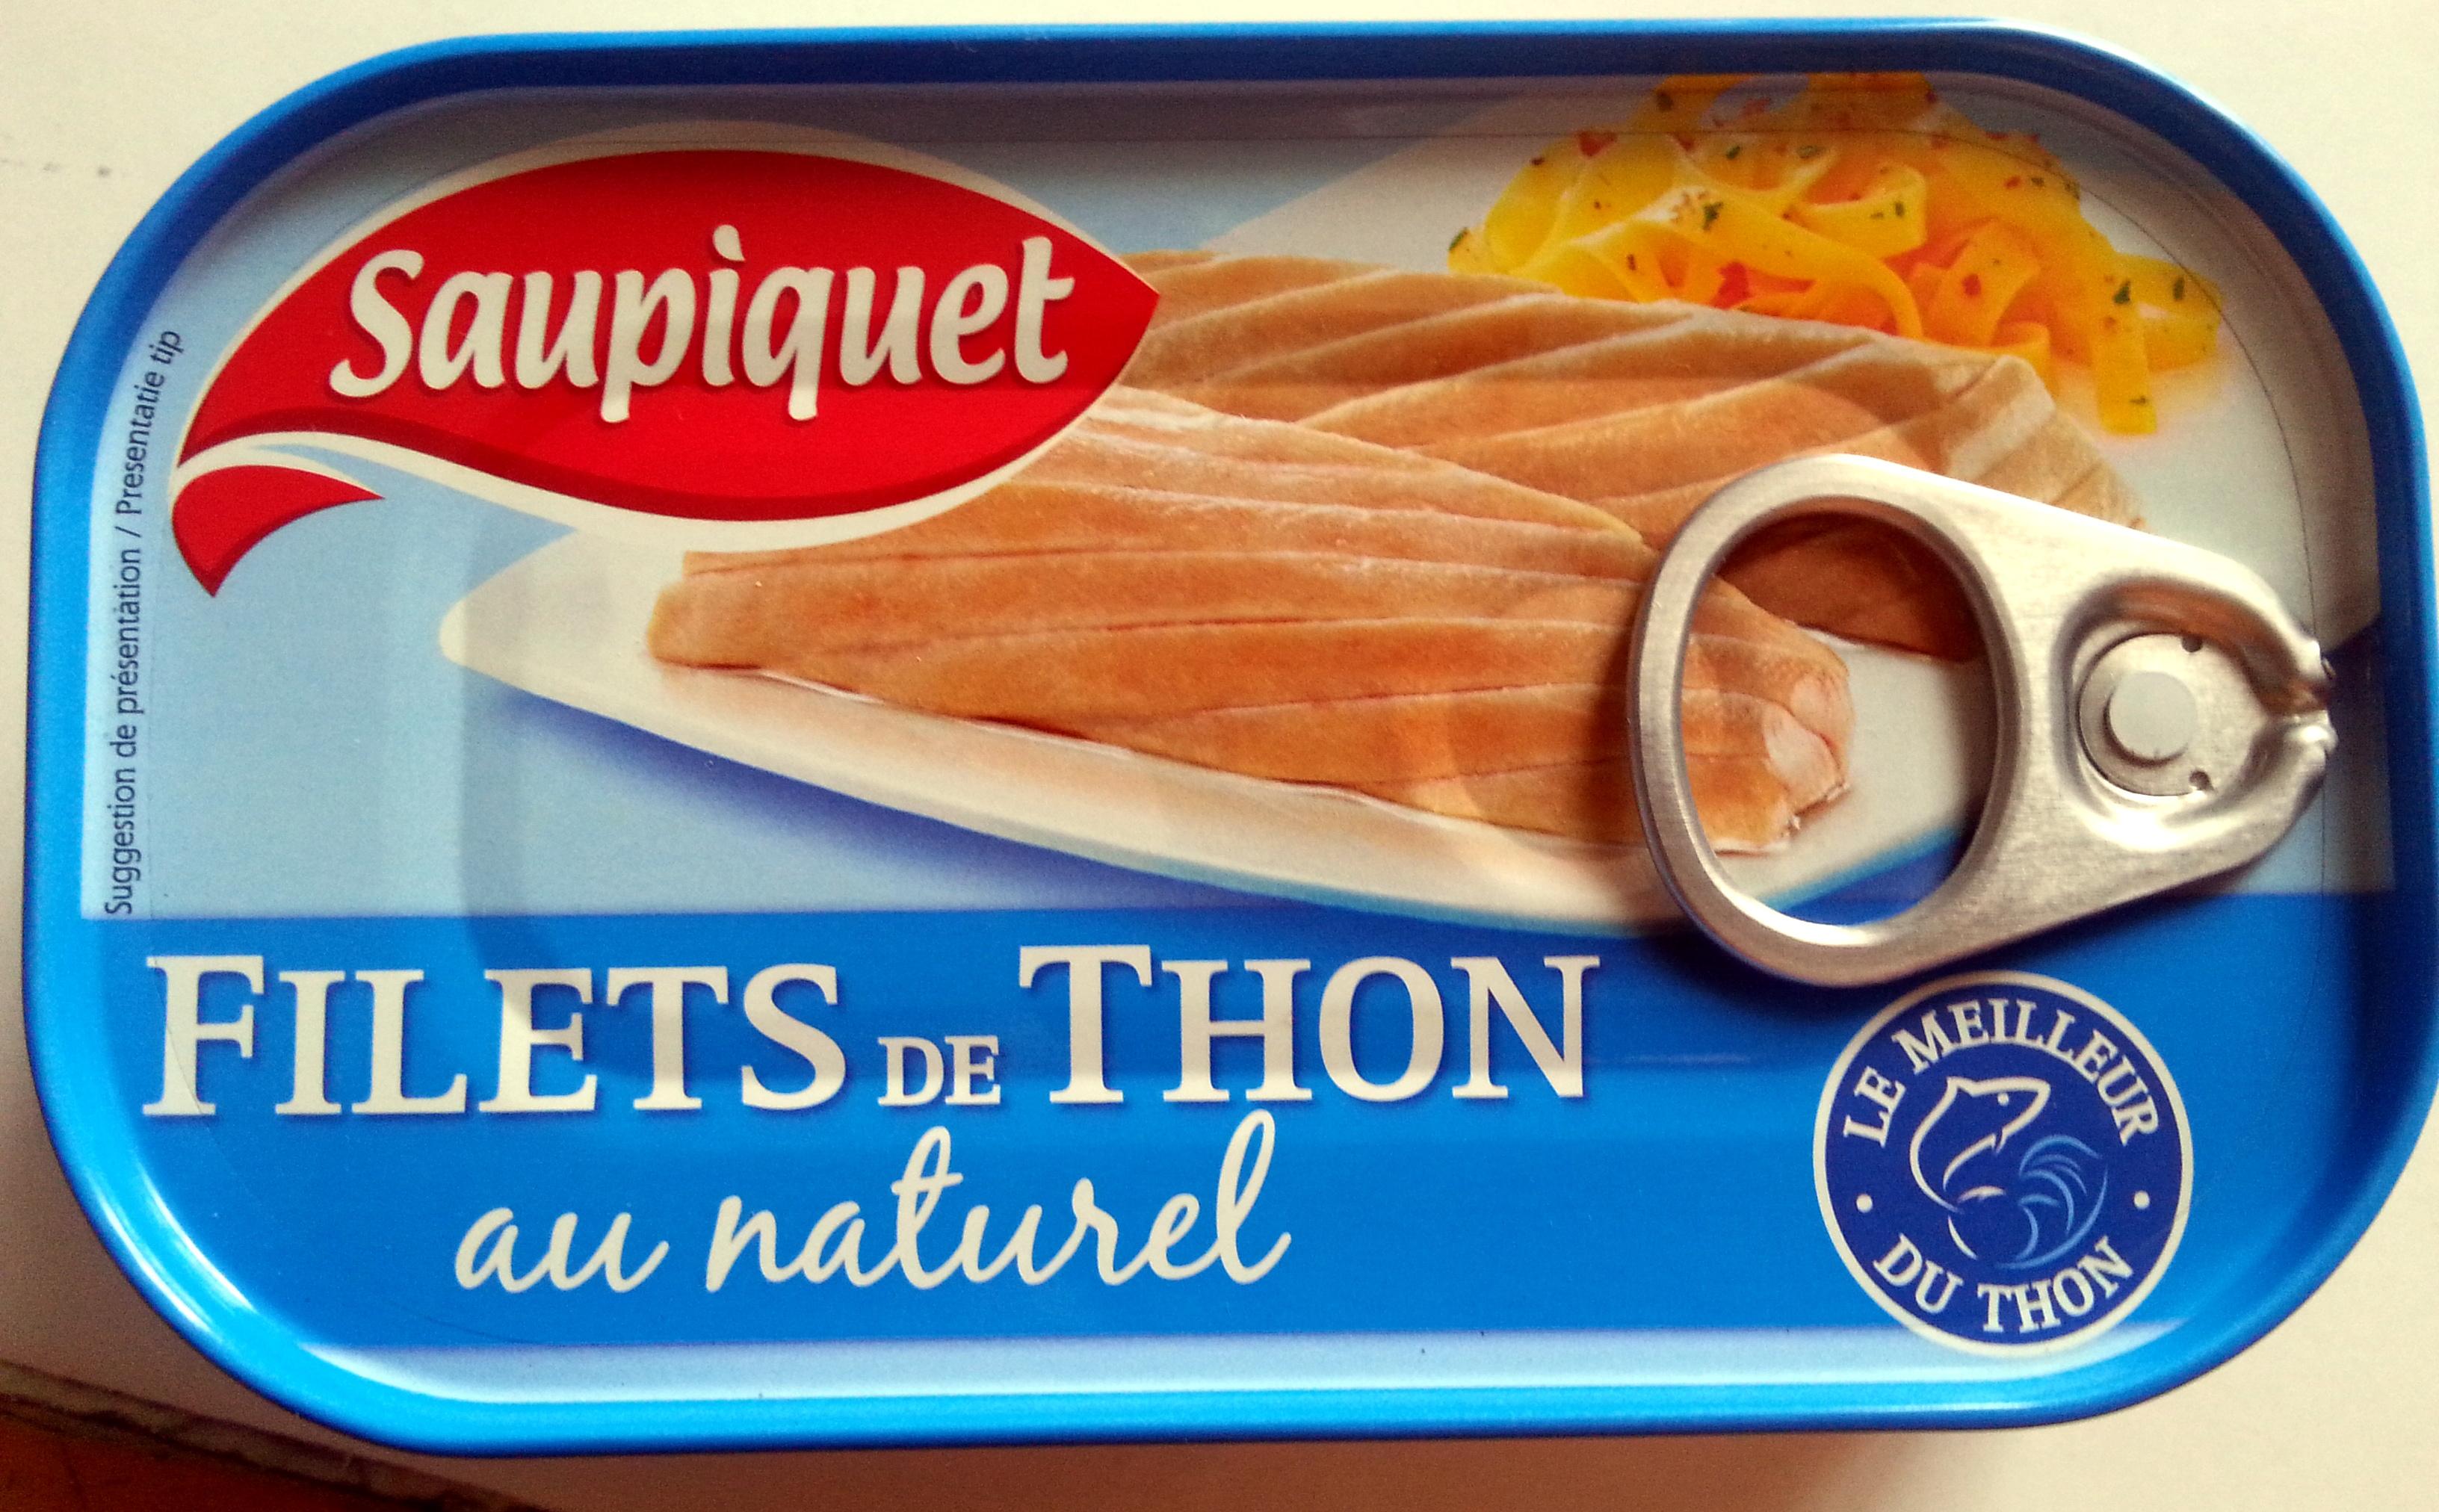 filets de thon au naturel - Product - fr